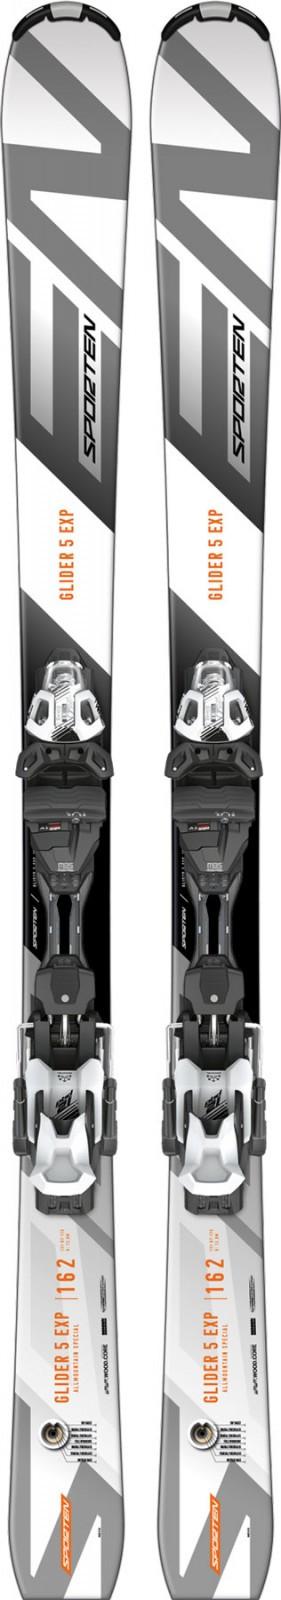 Sporten Glider 5 EXP + PRD 12